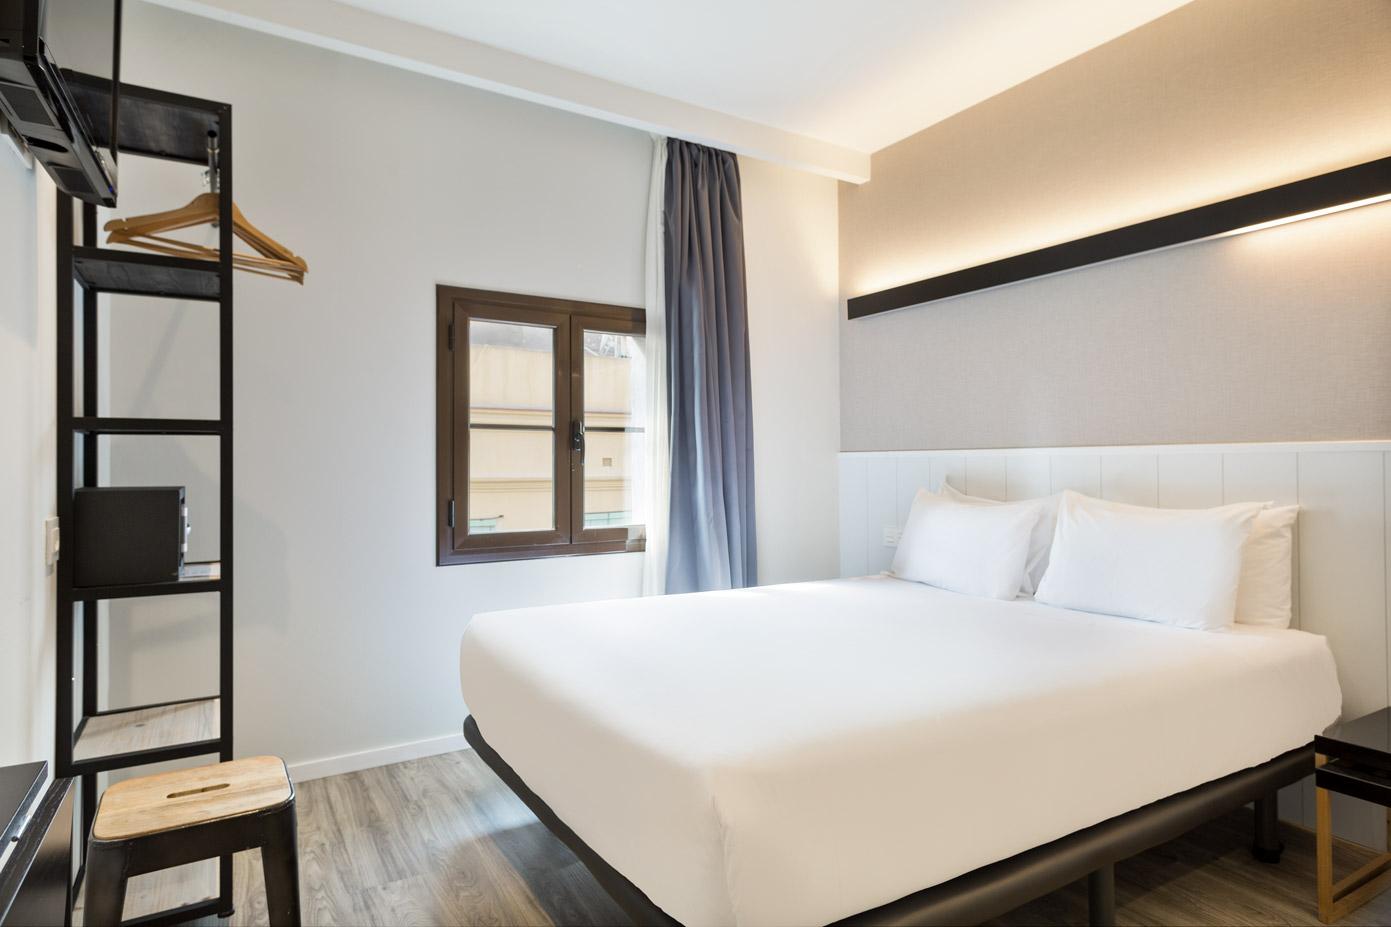 hotel_acta_bcn40_standard_08